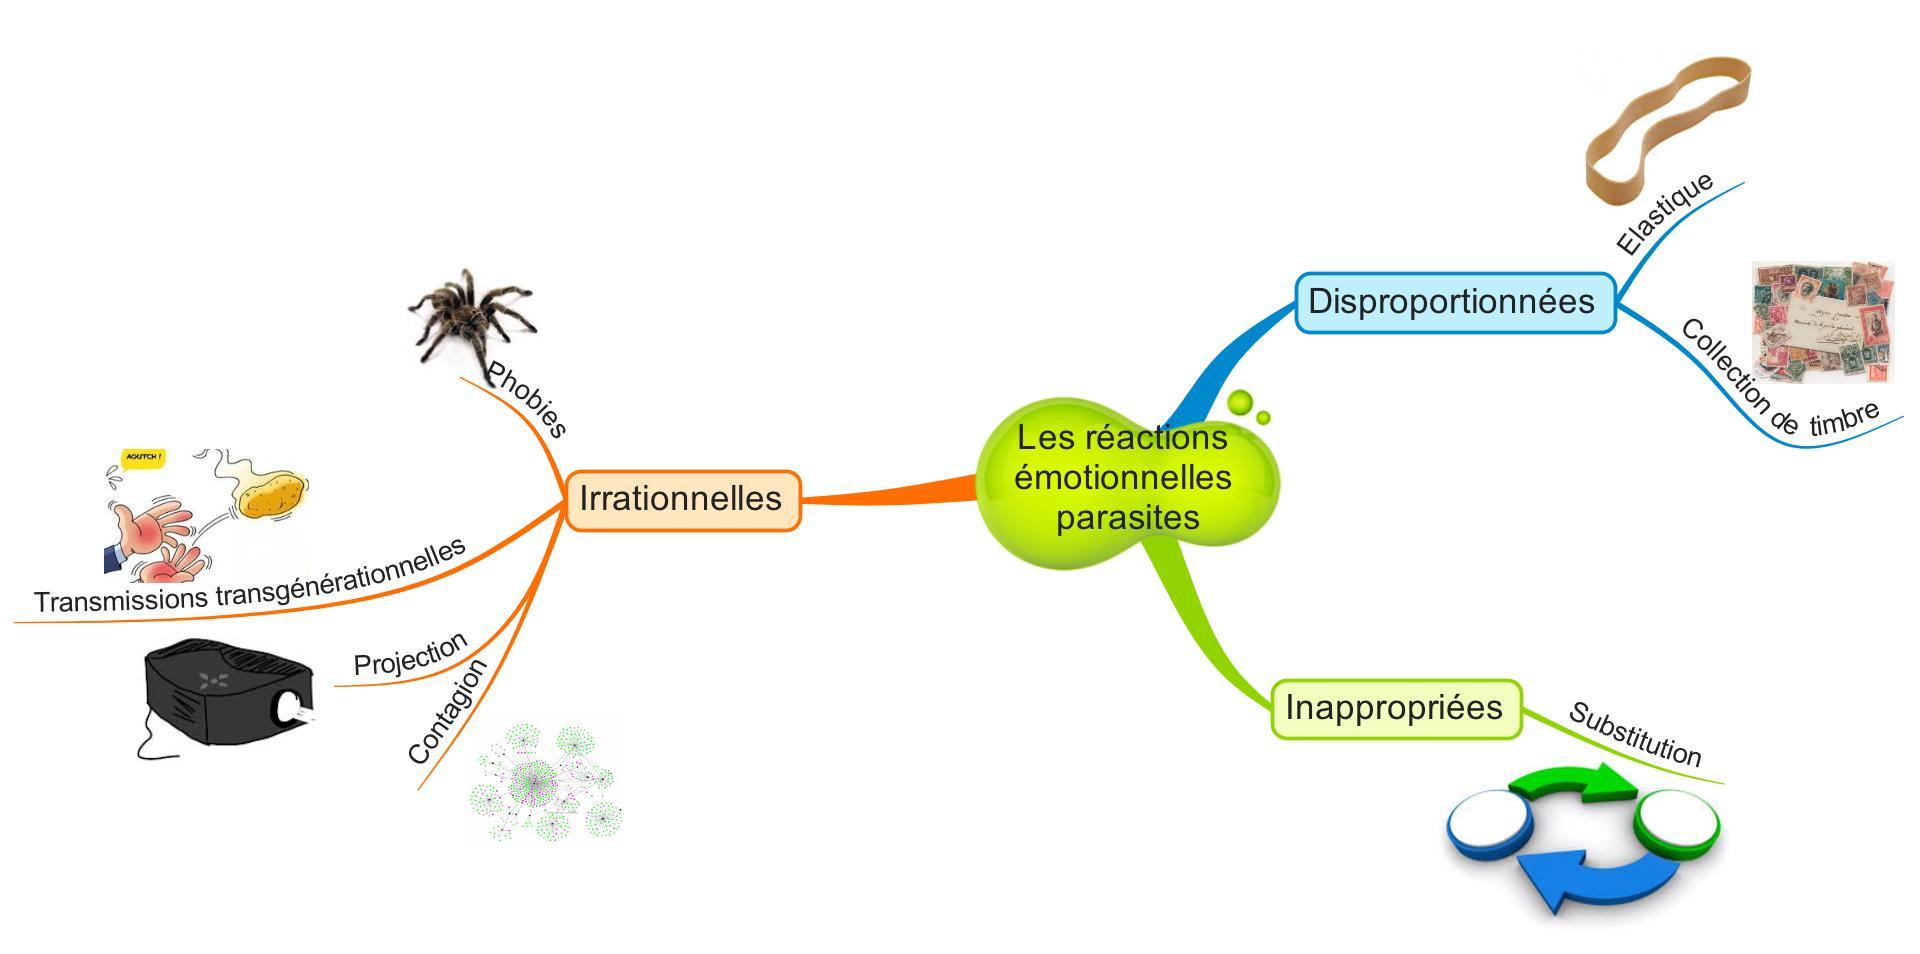 Les réactions émotionnelles parasites